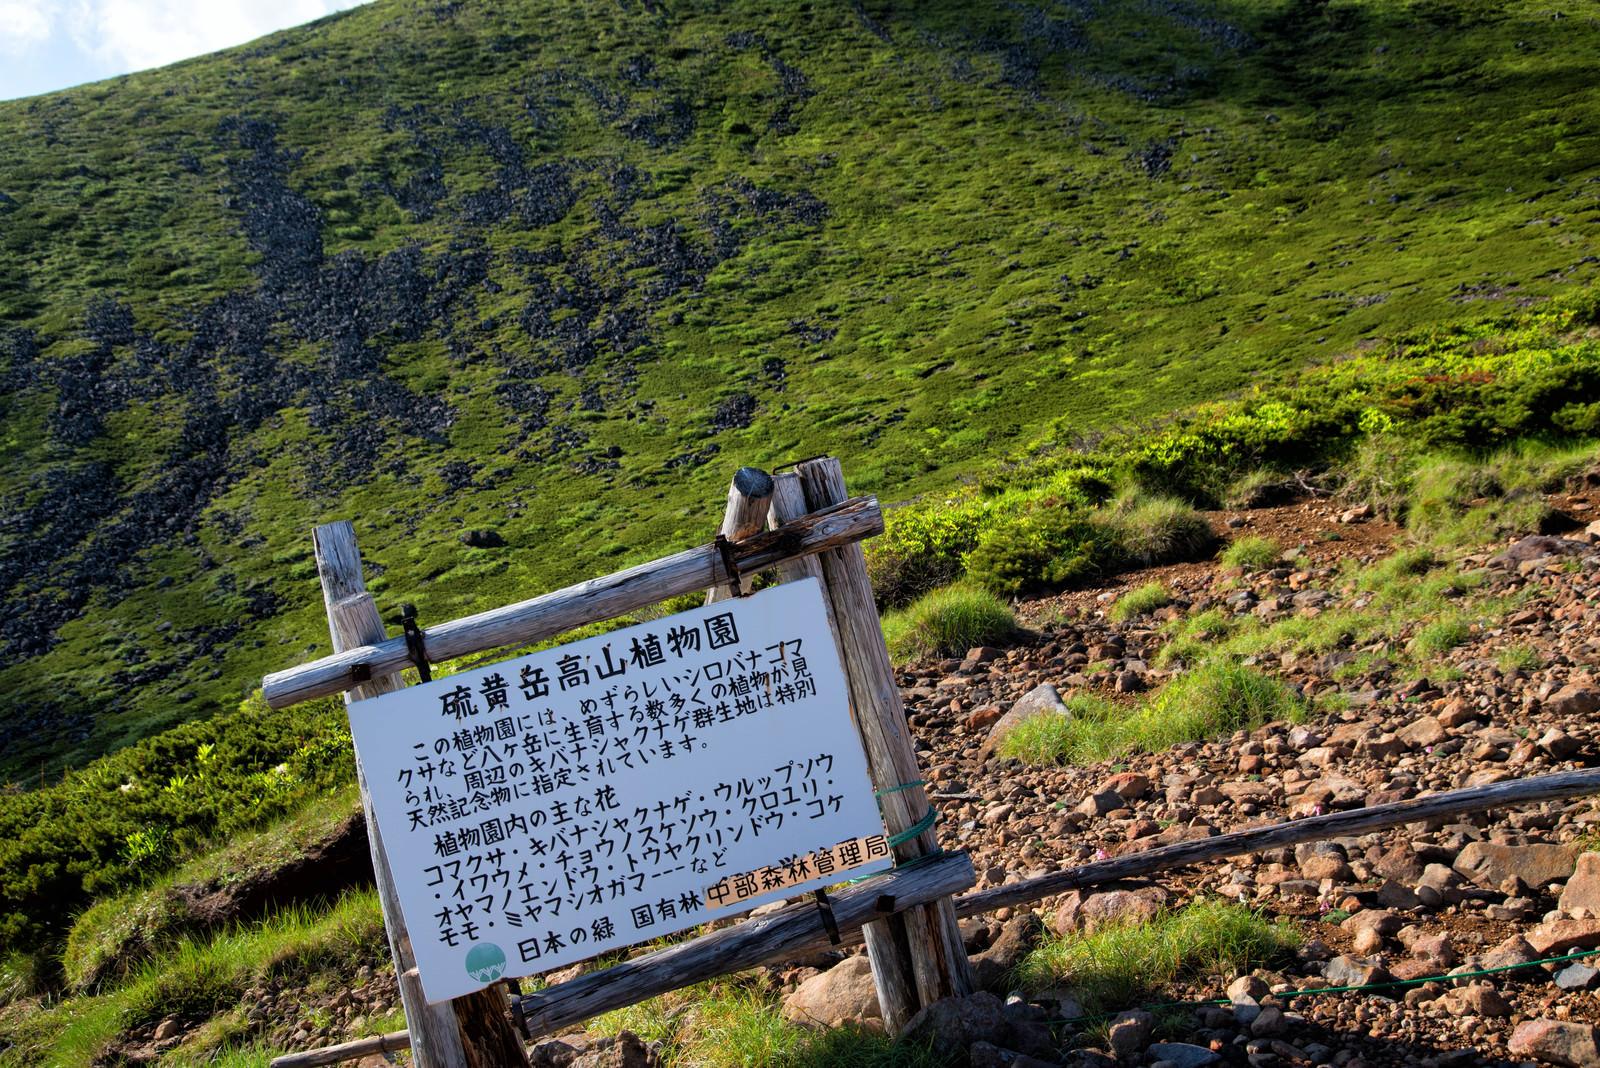 「硫黄岳高山植物園の看板」の写真